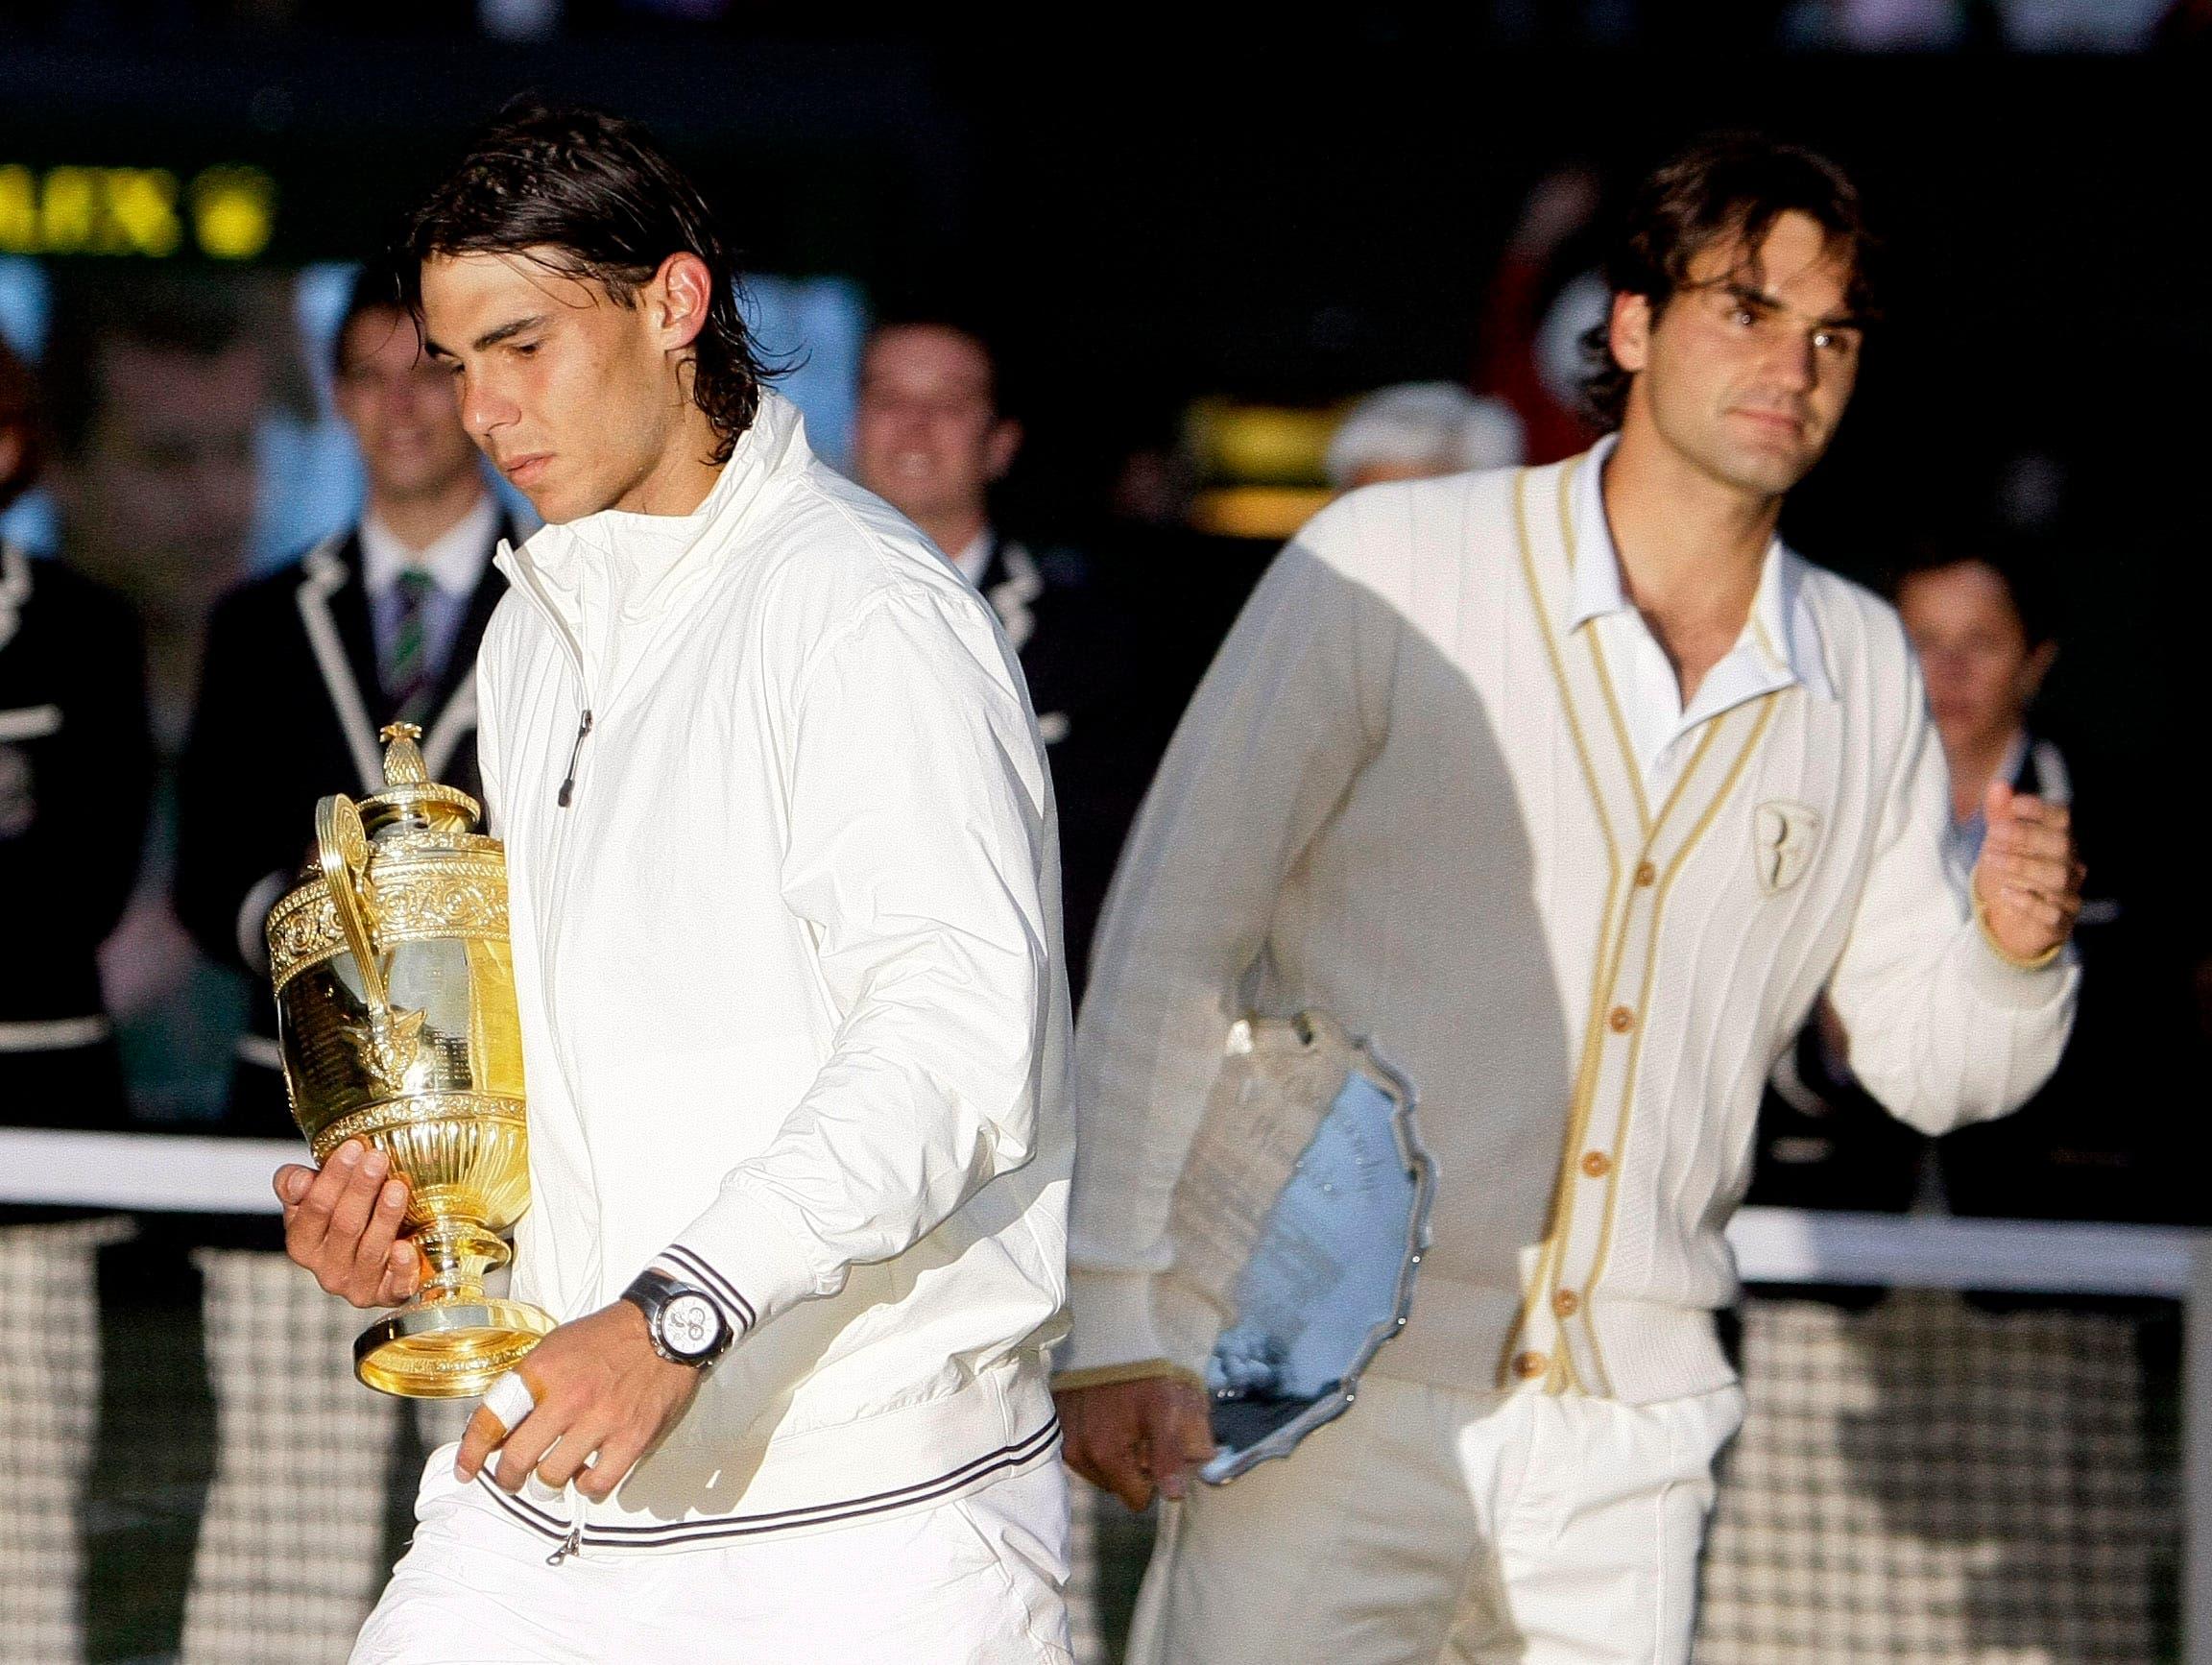 2008: Nadal vs. Federer 6:4, 6:4, 6:7 (5:7), 6:7 (8:10), 9:7Der dritte Wimbledon-Final zwischen Federer und Nadal gilt als bestes Tennis-Spiel der Geschichte. Als Nadal um 21.15 Uhr den Matchball verwertet, bricht die Dunkelheit über London herein. Später wird das 4:48-Stunden-Epos verfilmt. Federer, der im Frühling unter dem Pfeifferschen Drüsenfieber litt, sagt später, die Niederlage sei die Folge des Final-Debakels in Paris im Monat zuvor gewesen, bei dem ihm Nadal nur vier Games überliess. Nach 41 Siegen in Folge verliert Federer erstmals seit 2002 wieder in Wimbledon.